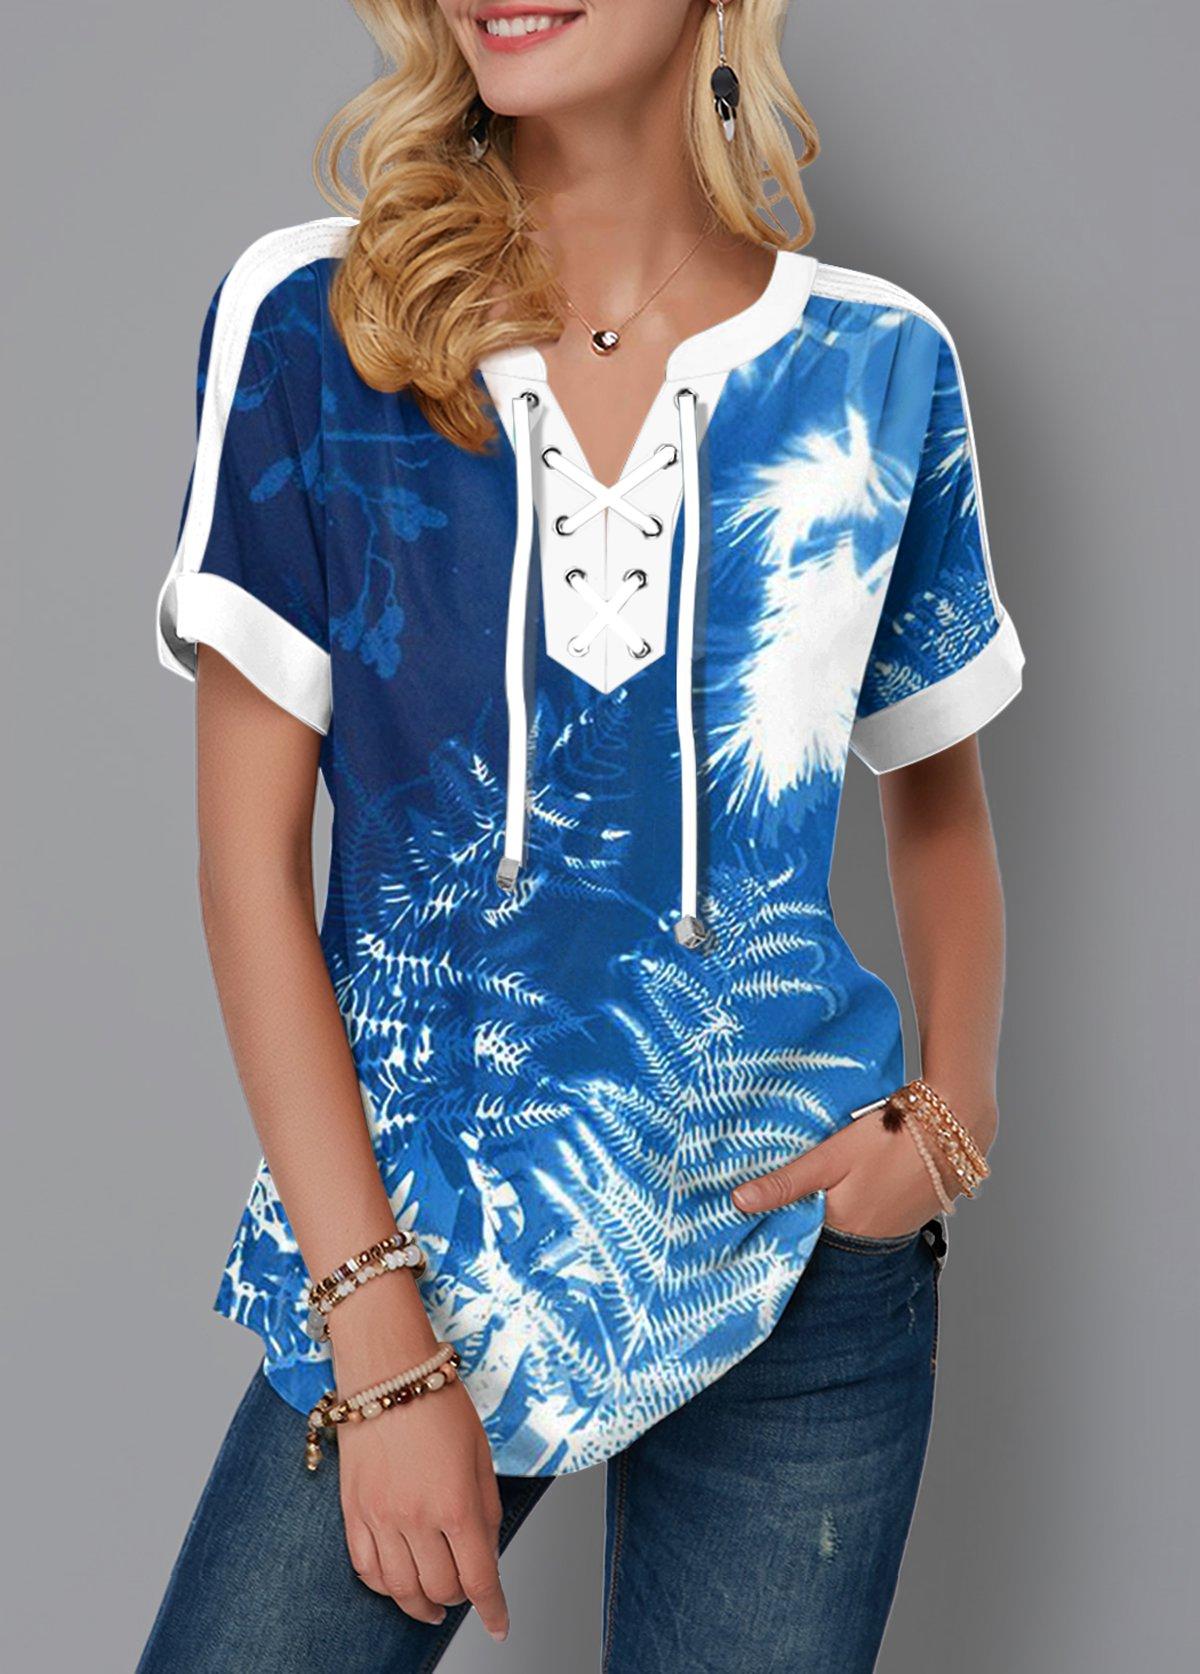 ROTITA Tropical Print Tie Dye Lace Up Blouse